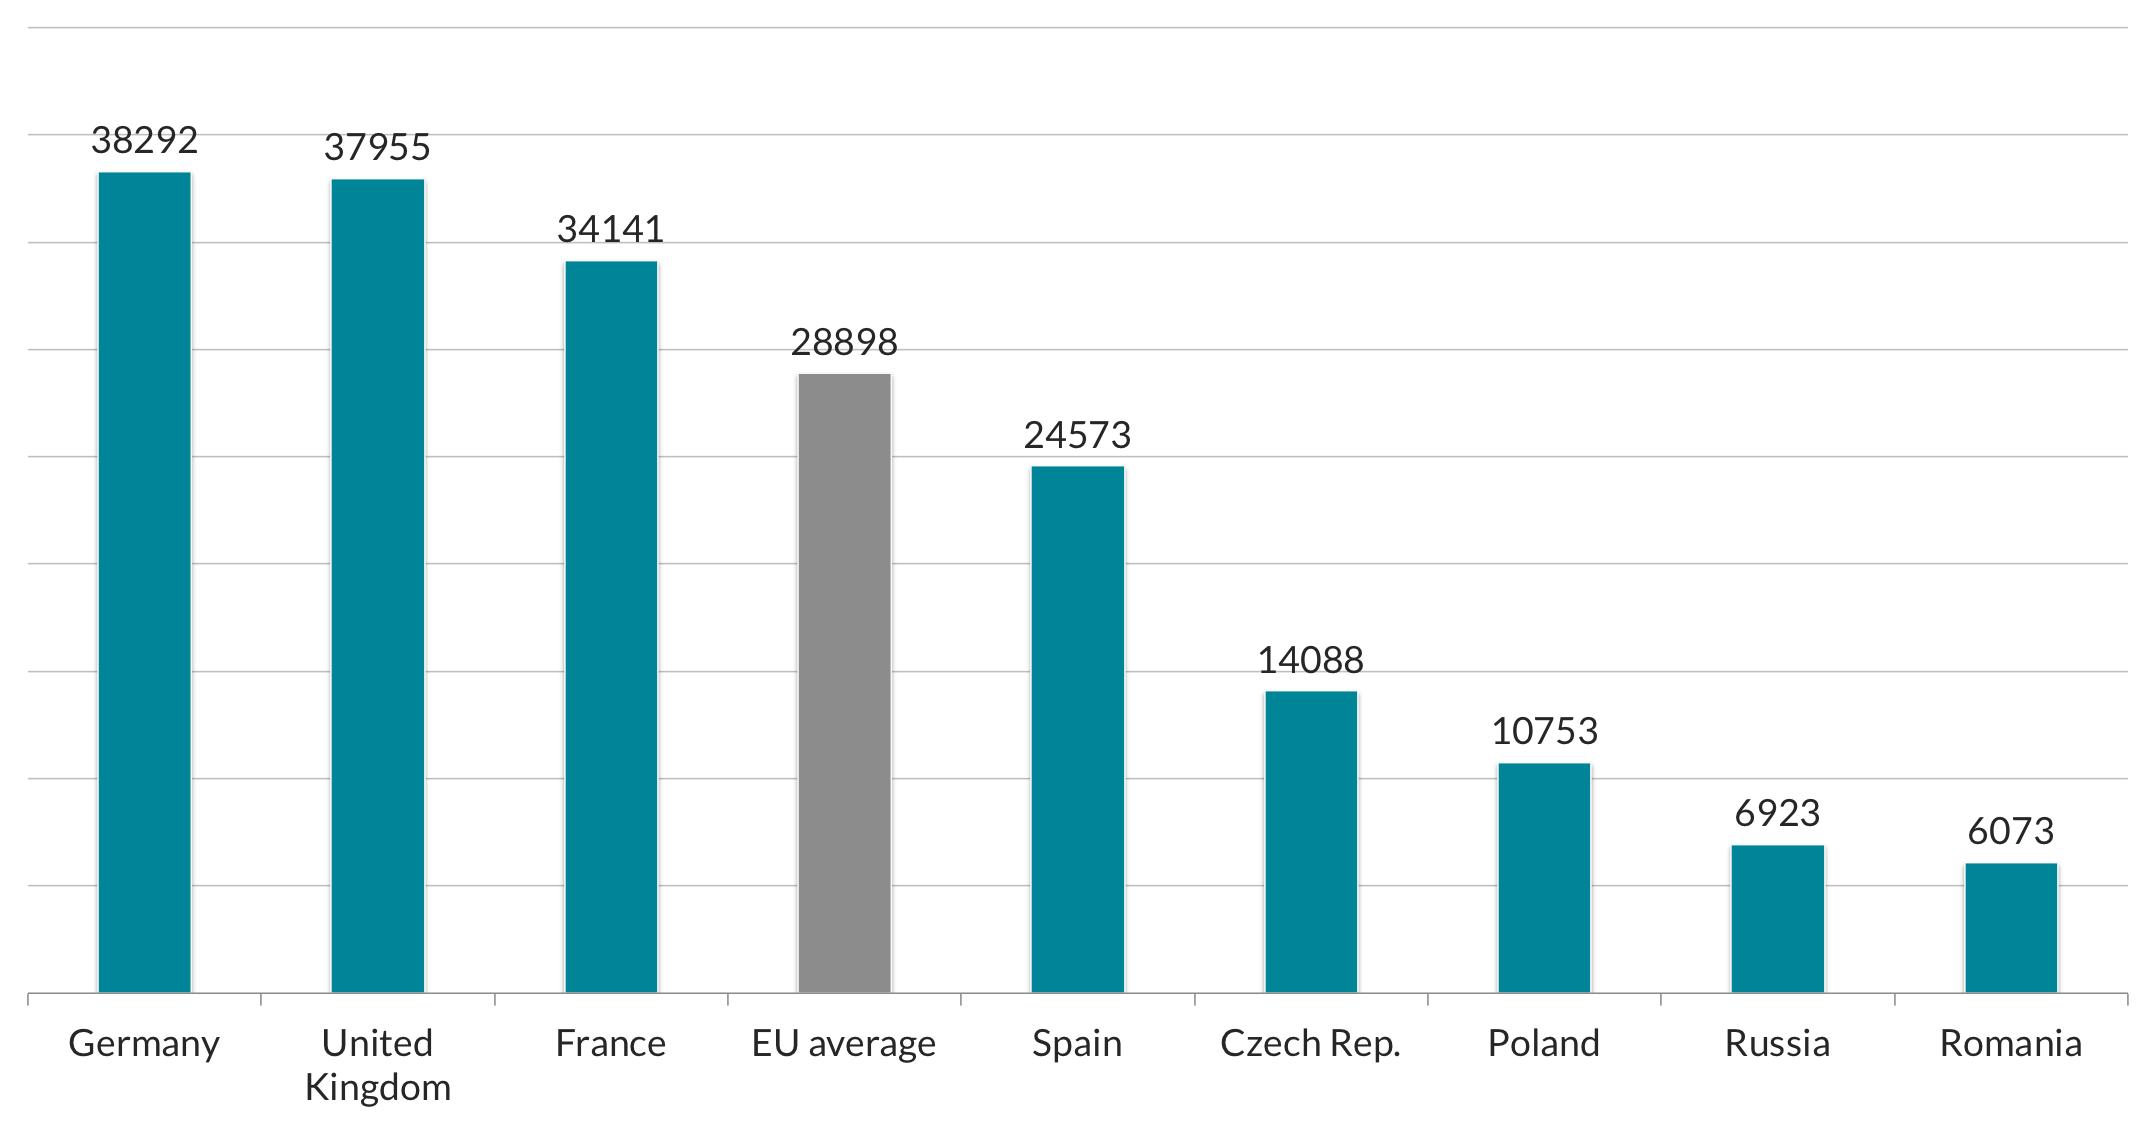 GDP per capita in USD